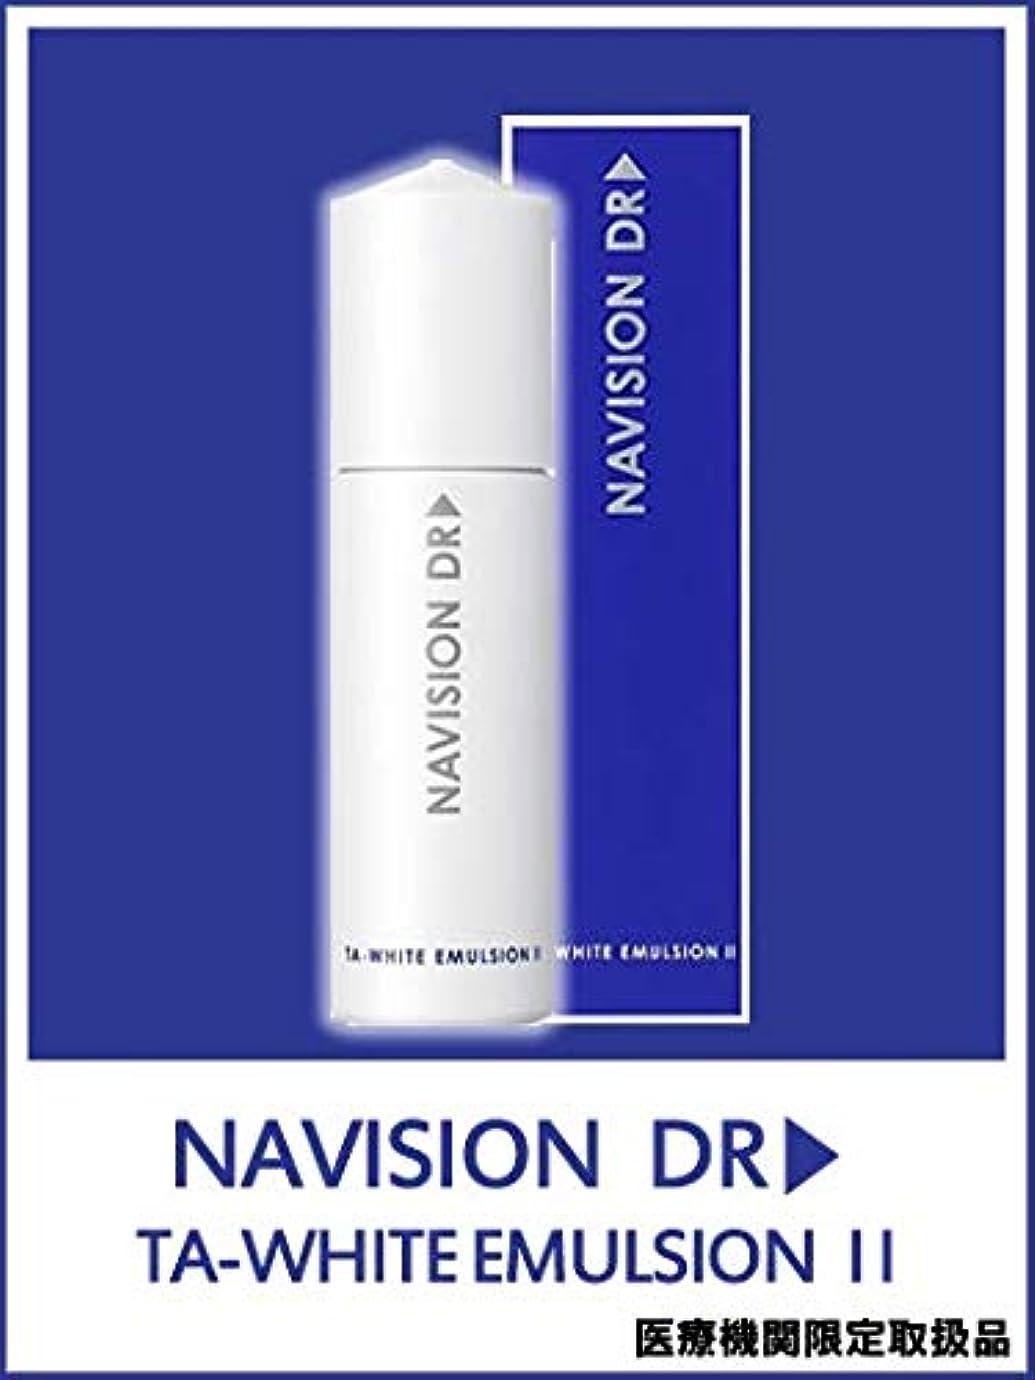 相対性理論公過半数NAVISION DR? ナビジョンDR TAホワイトエマルジョンⅡnしっとりうるおうタイプ(医薬部外品) 120mL